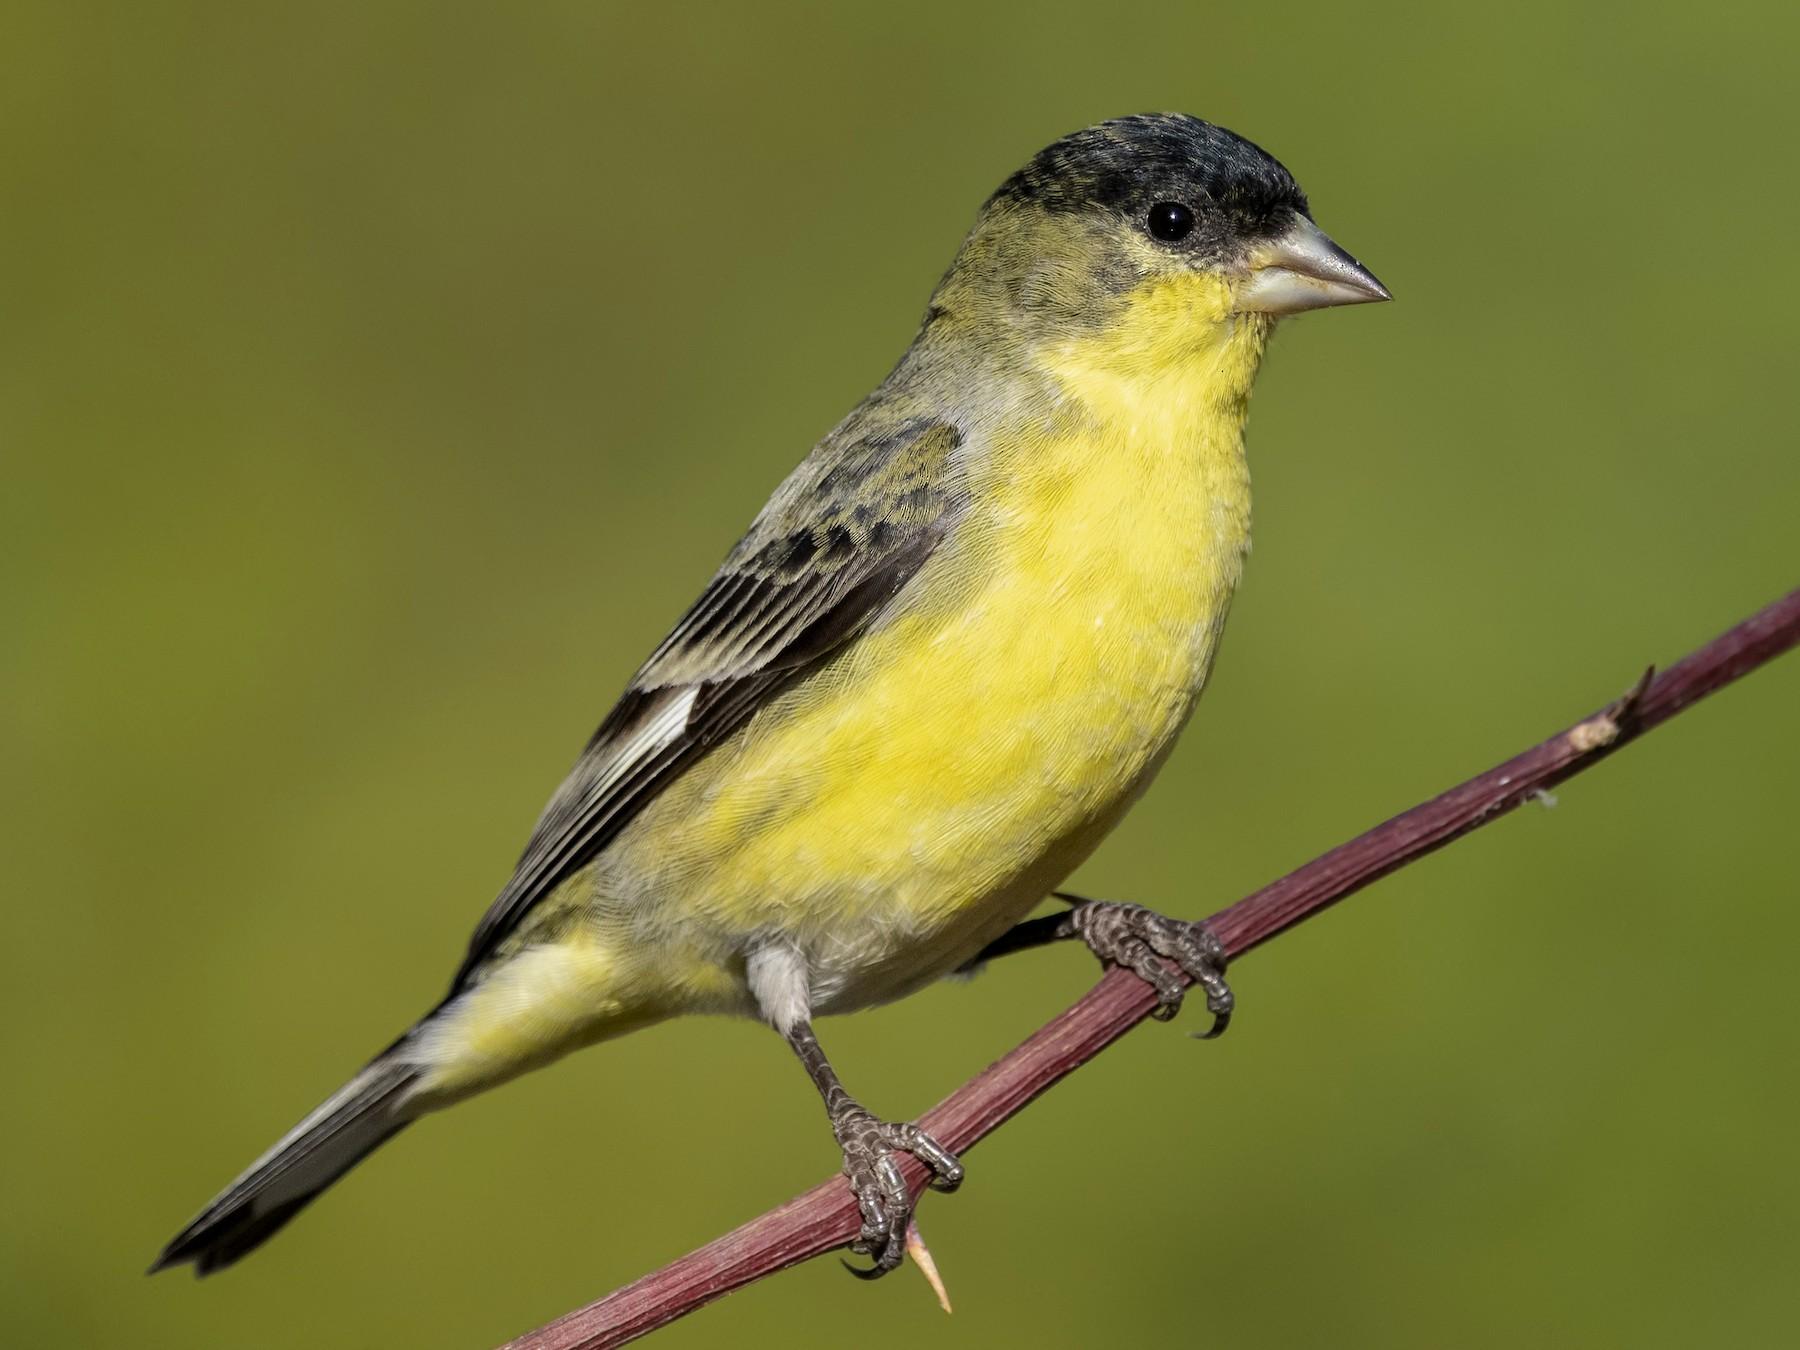 Lesser Goldfinch - Sharif Uddin